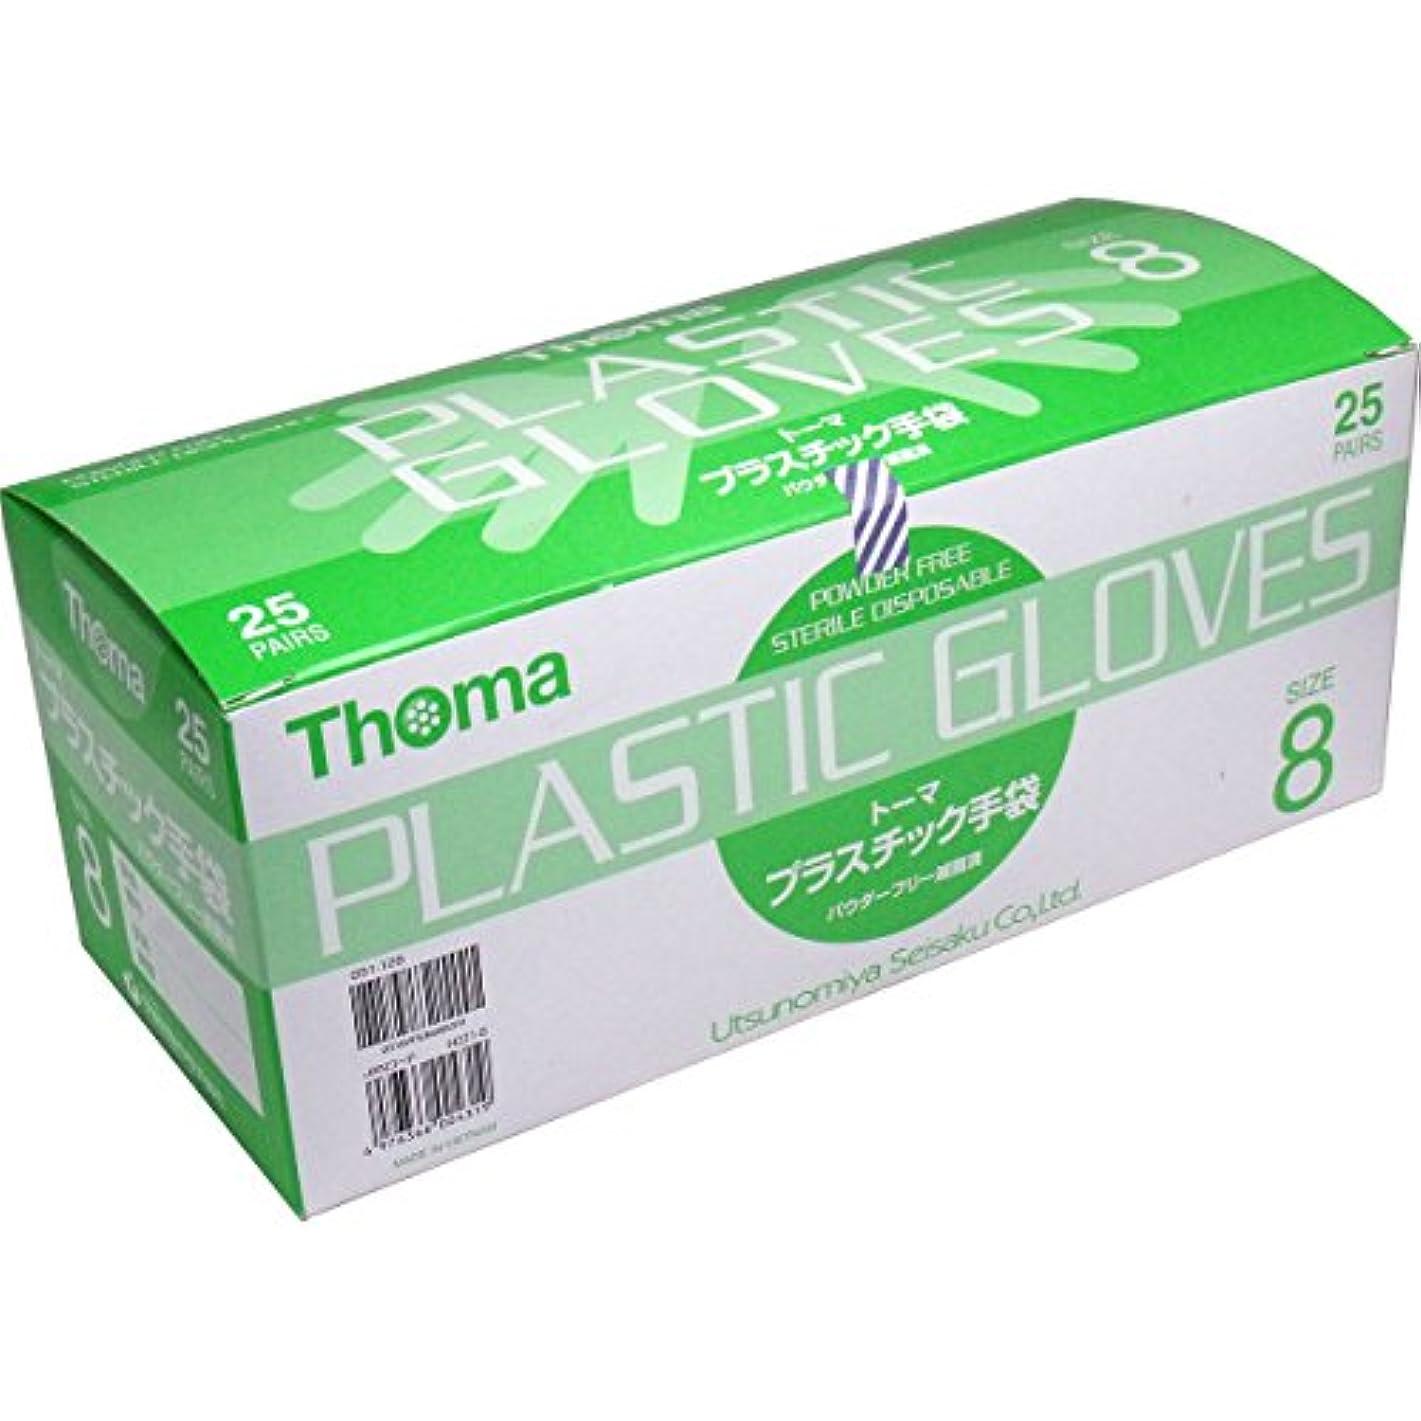 また明日ね集計熟すポリ塩化ビニル製 手袋 1双毎に滅菌包装、衛生的 人気商品 トーマ プラスチック手袋 パウダーフリー滅菌済 25双入 サイズ8